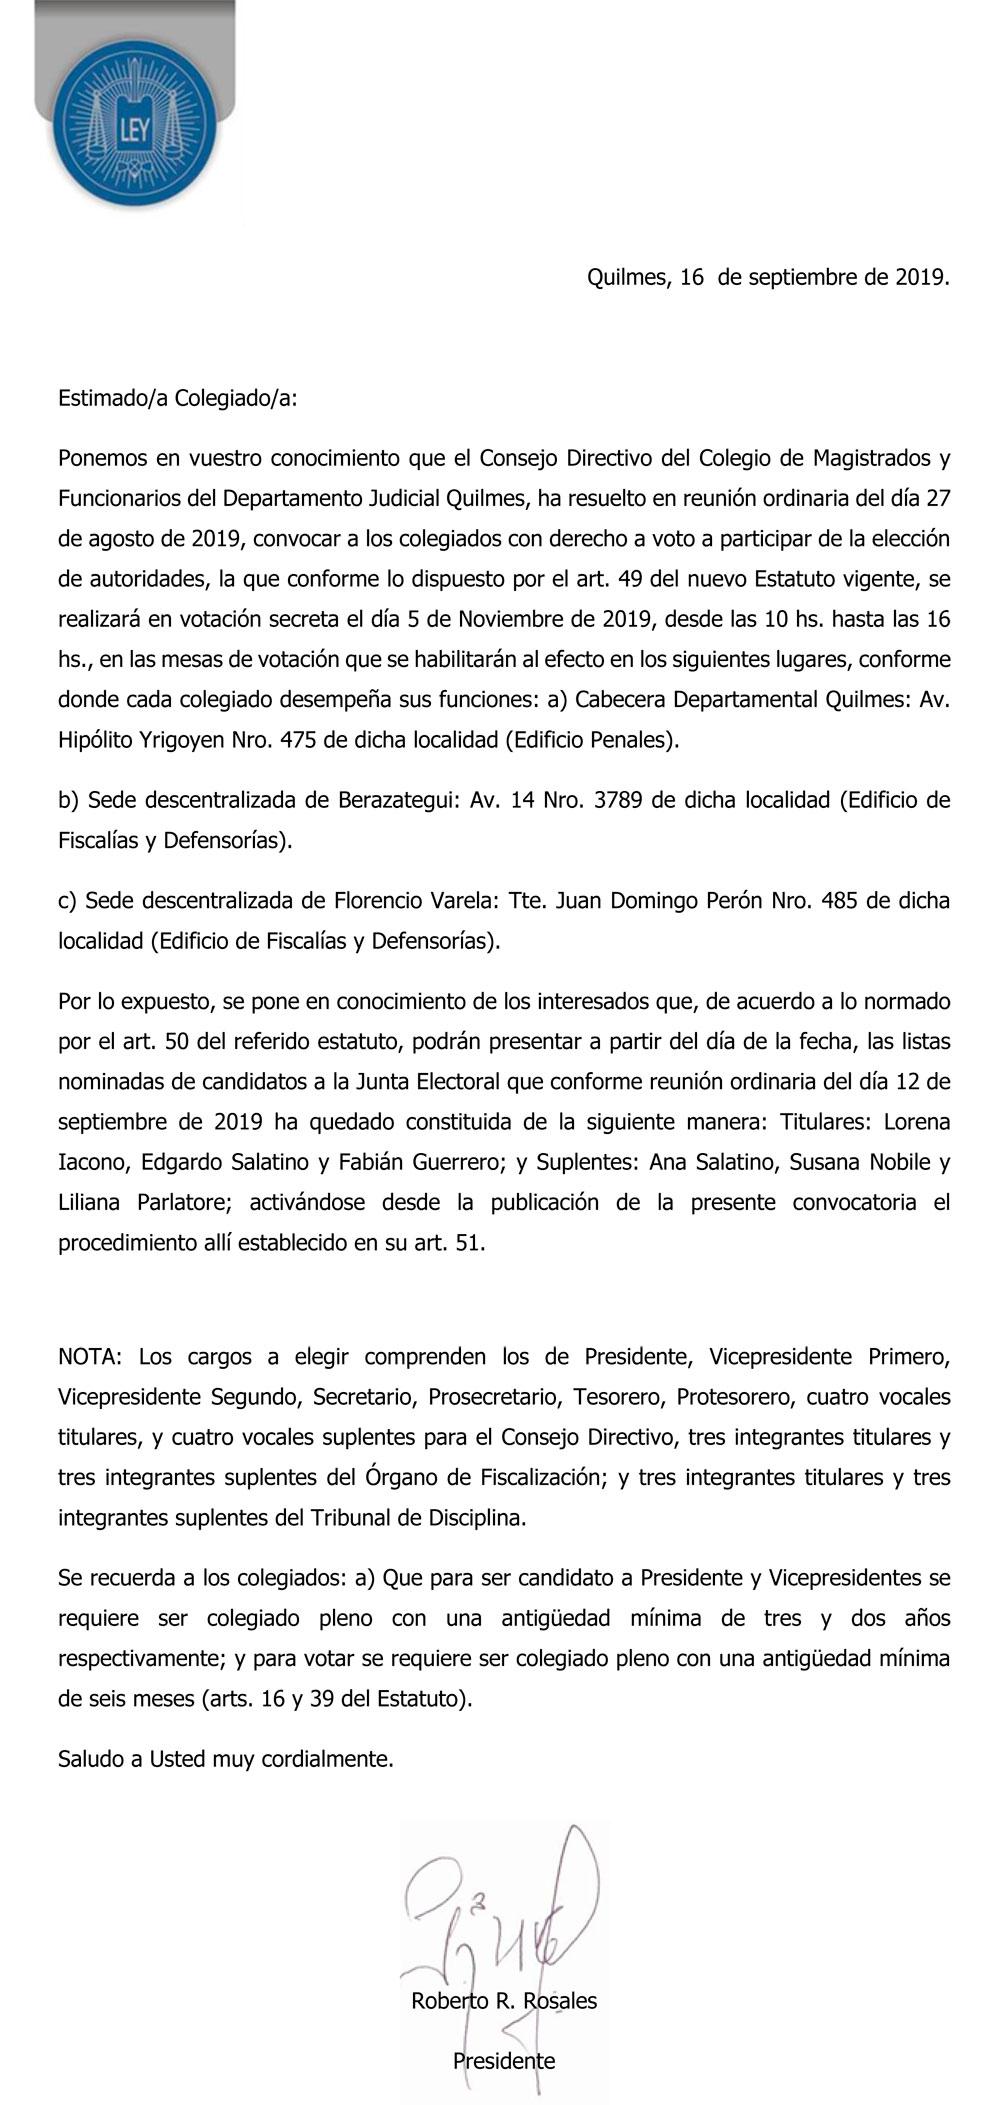 CONVOCATORIA//ELECCION DE AUTORIDADES